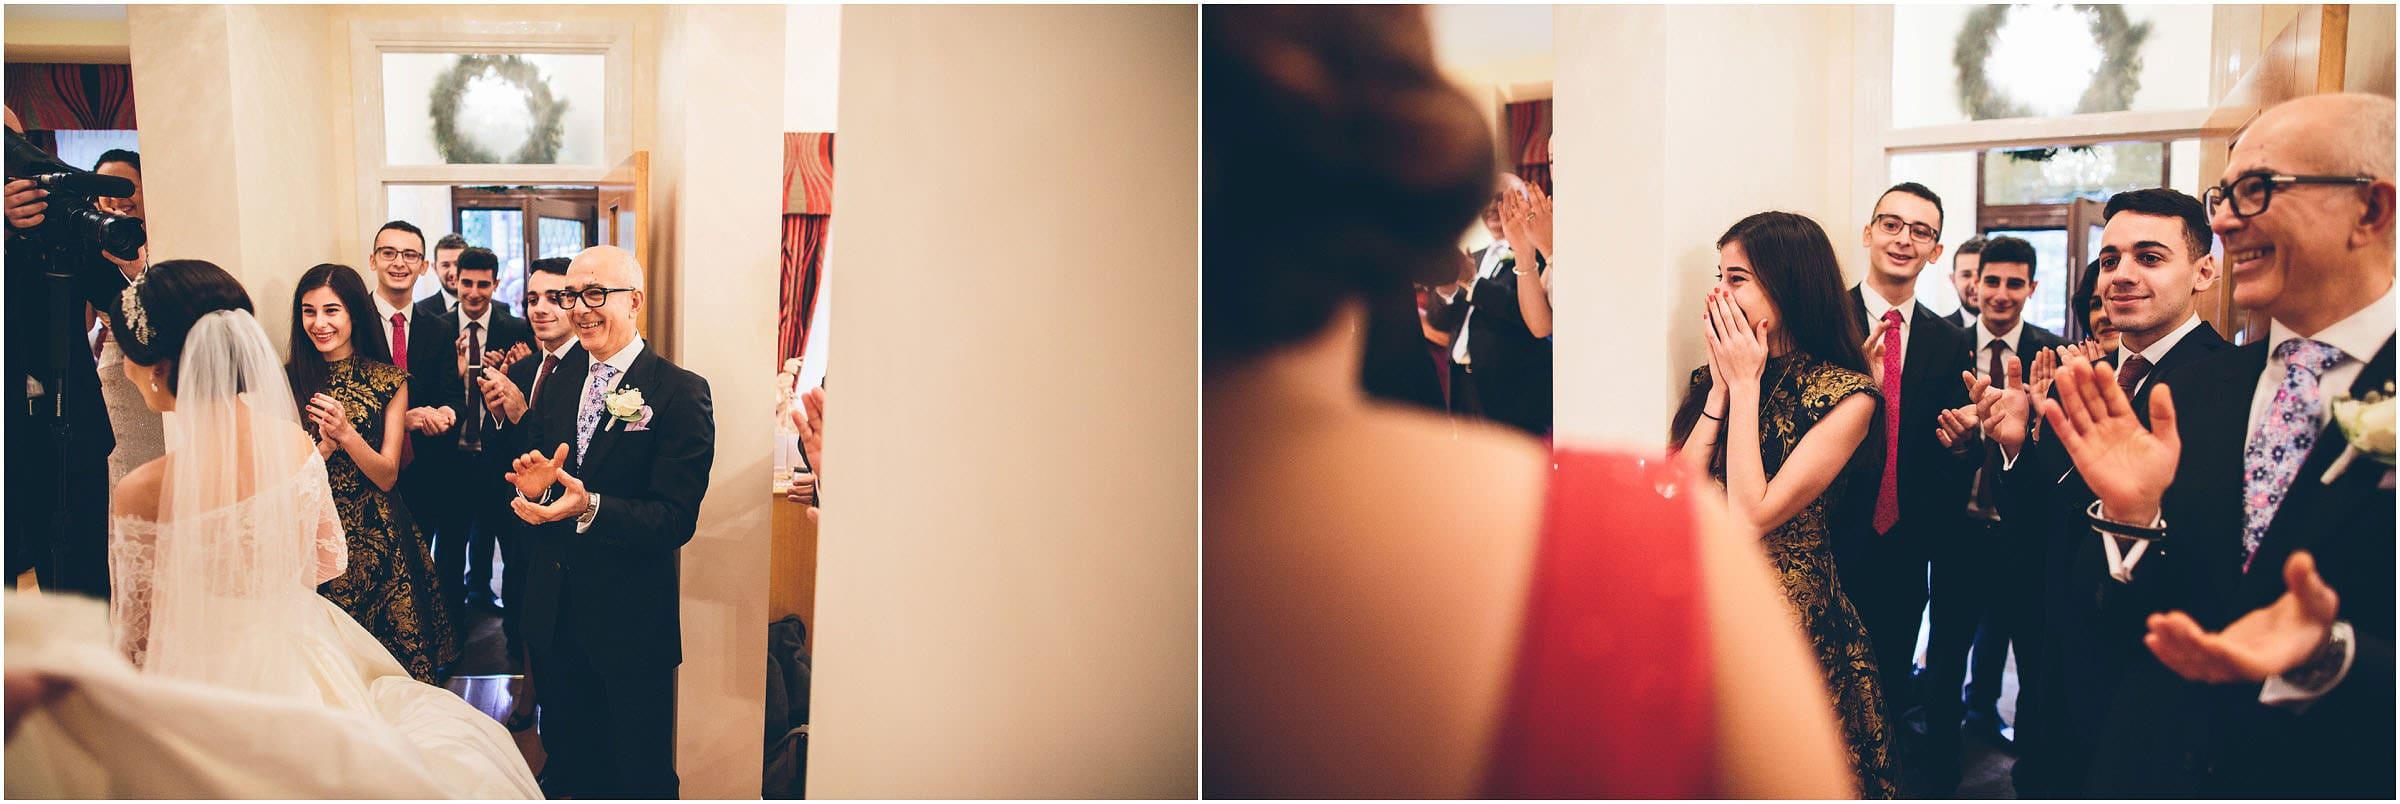 Crewe_Hall_Wedding_Photography_0017